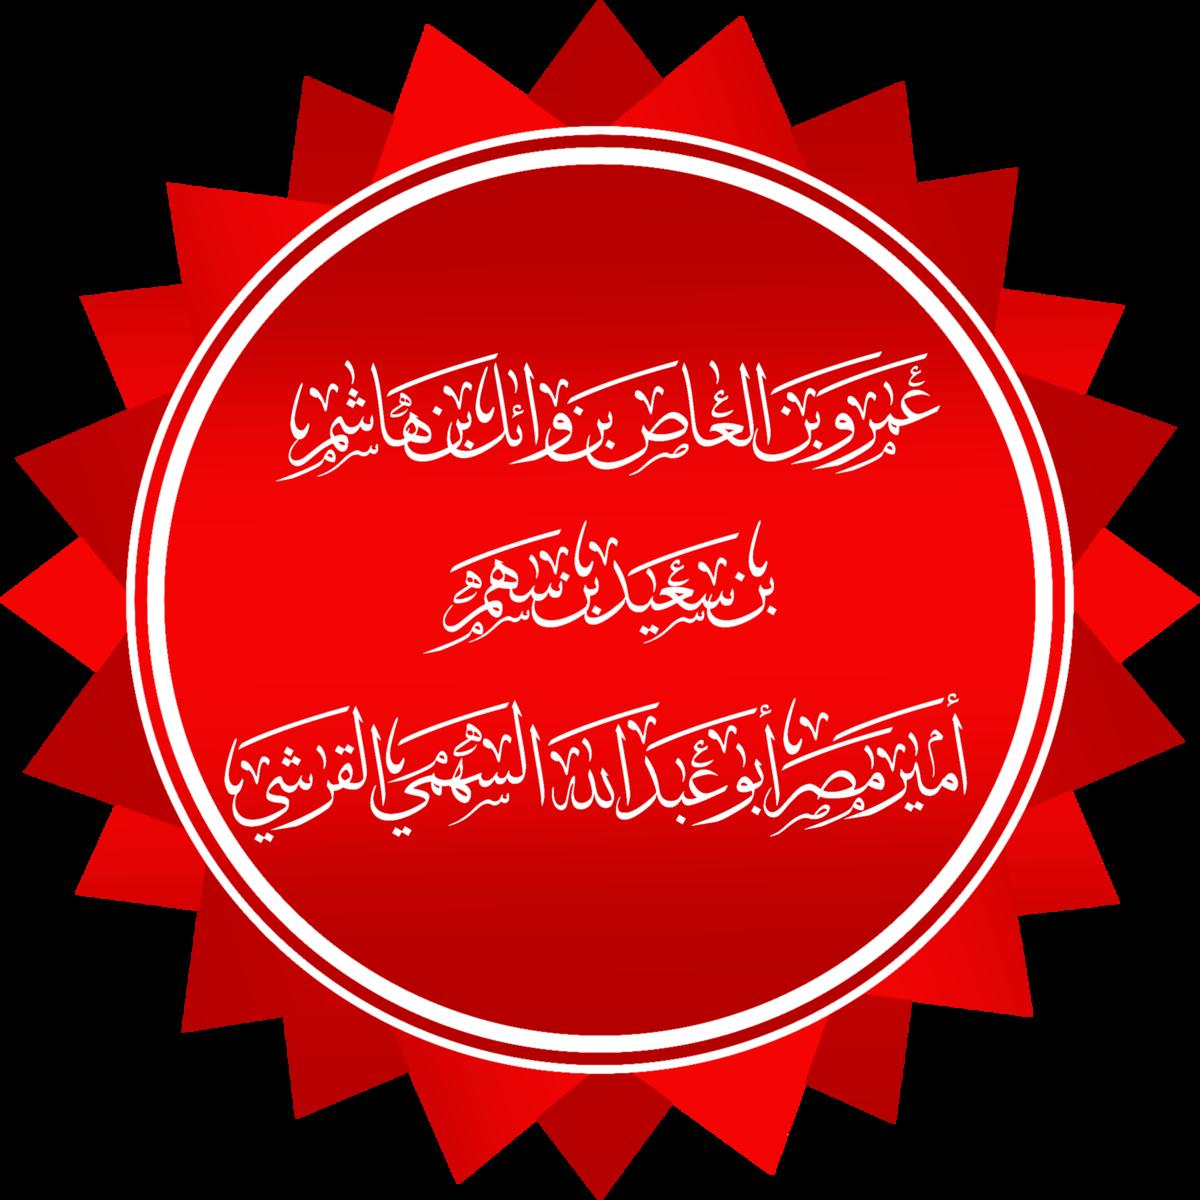 0c23aa7e6 عمرو بن العاص - ويكيبيديا، الموسوعة الحرة